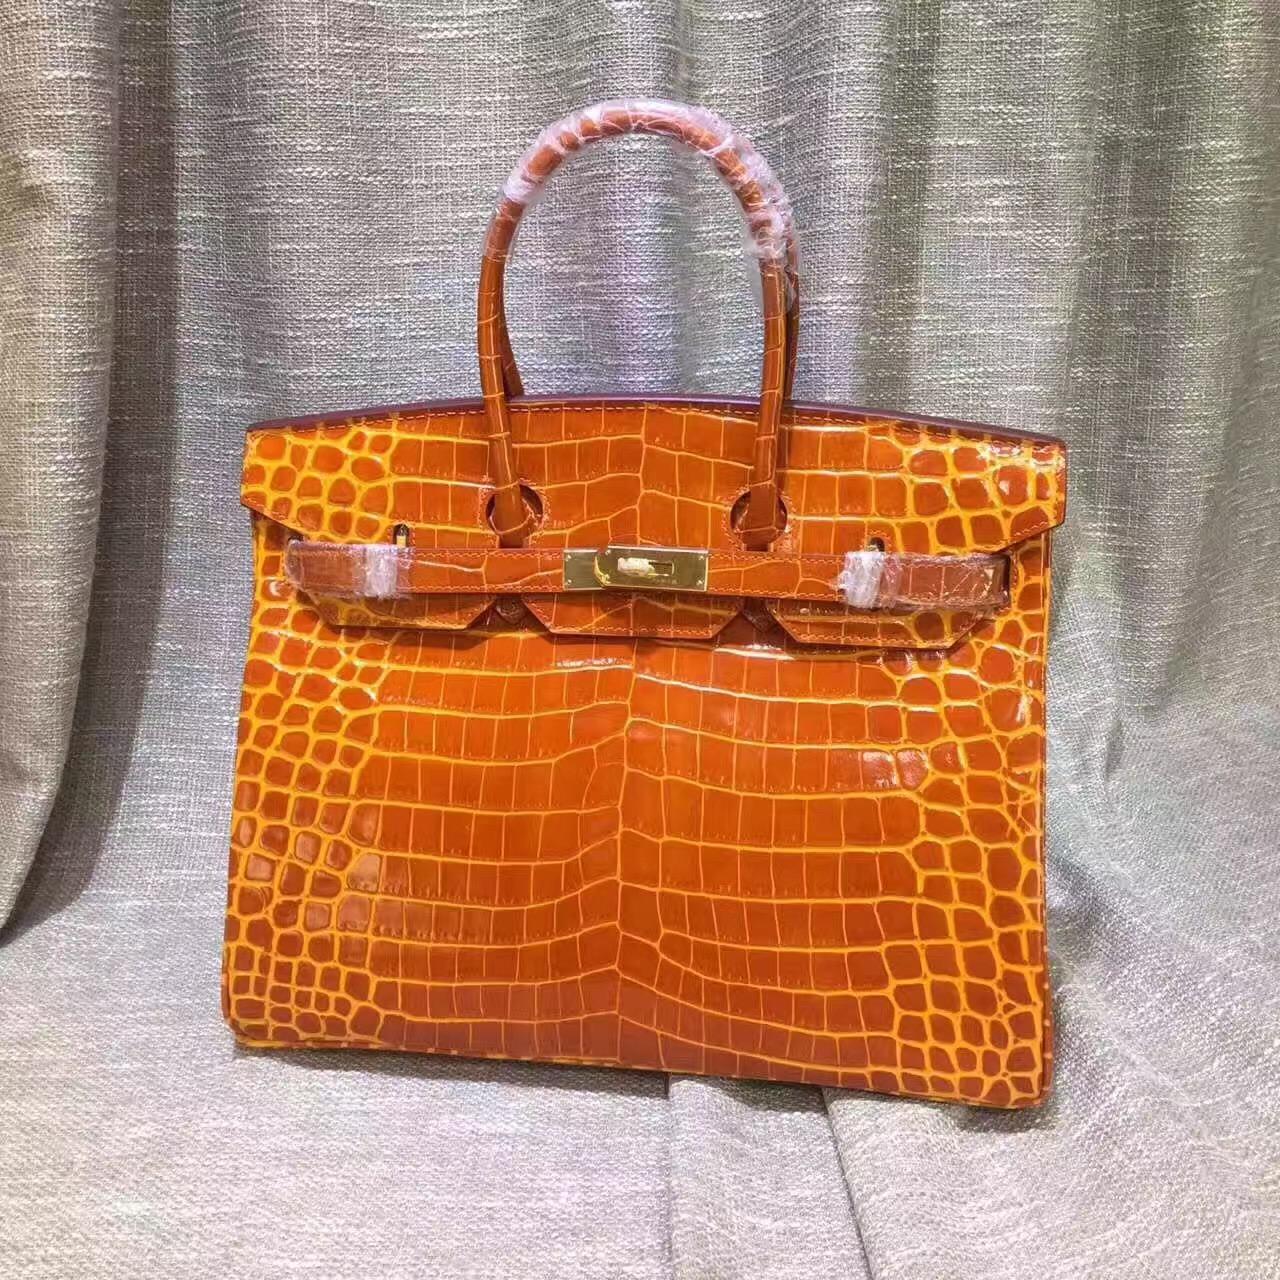 5c07077ecf44 Hermes Birkin 35cm Handbag Crocodile Leather Orange Gold